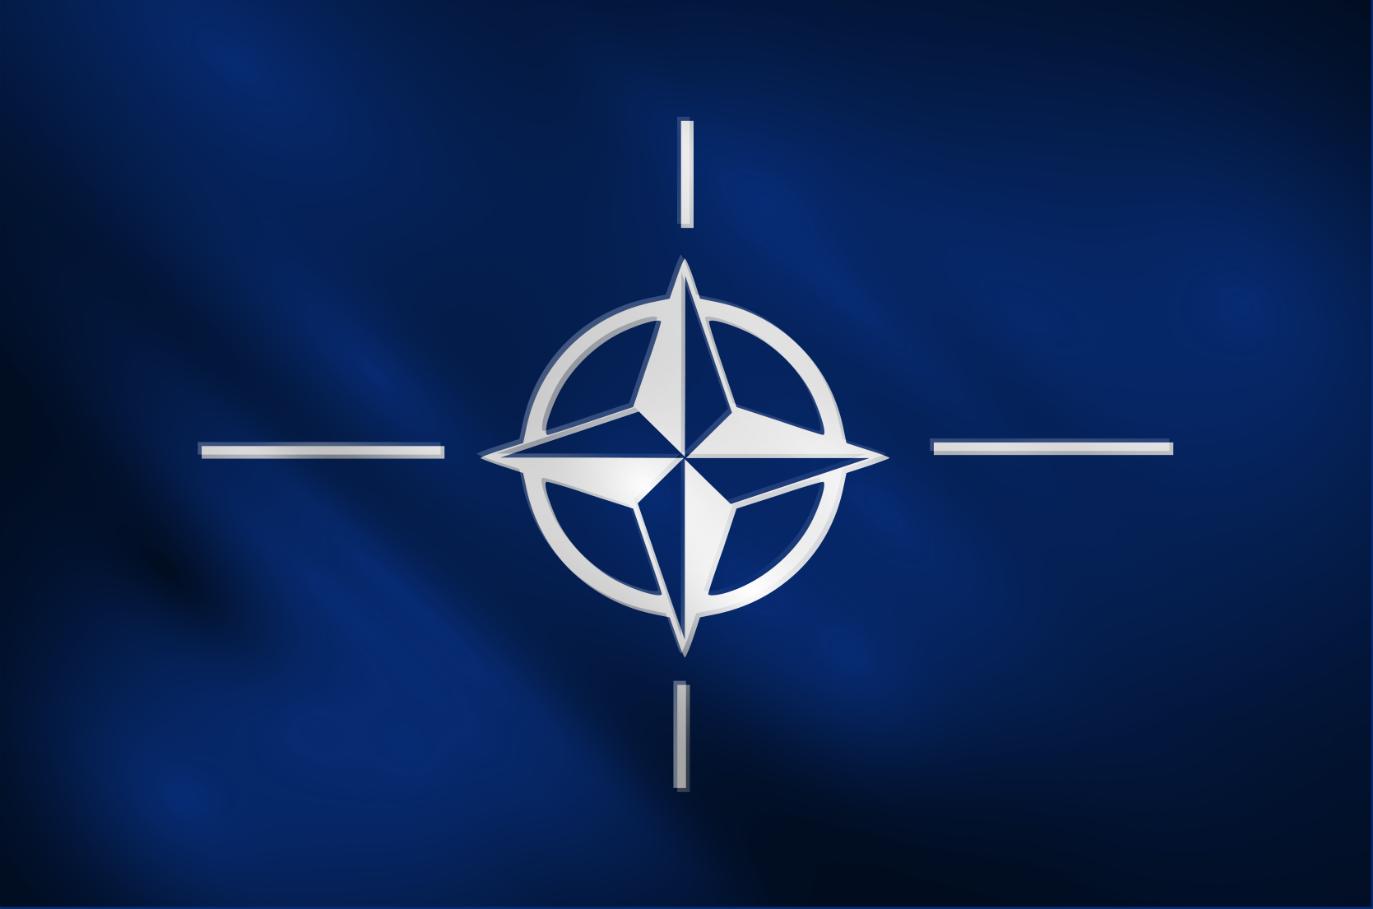 Türkiye Büyük Millet Meclisi, Türkiye'nin NATO (Kuzey Atlantik Antlaşması Teşkilatı) üyeliğini onayladı. tarihte bugün